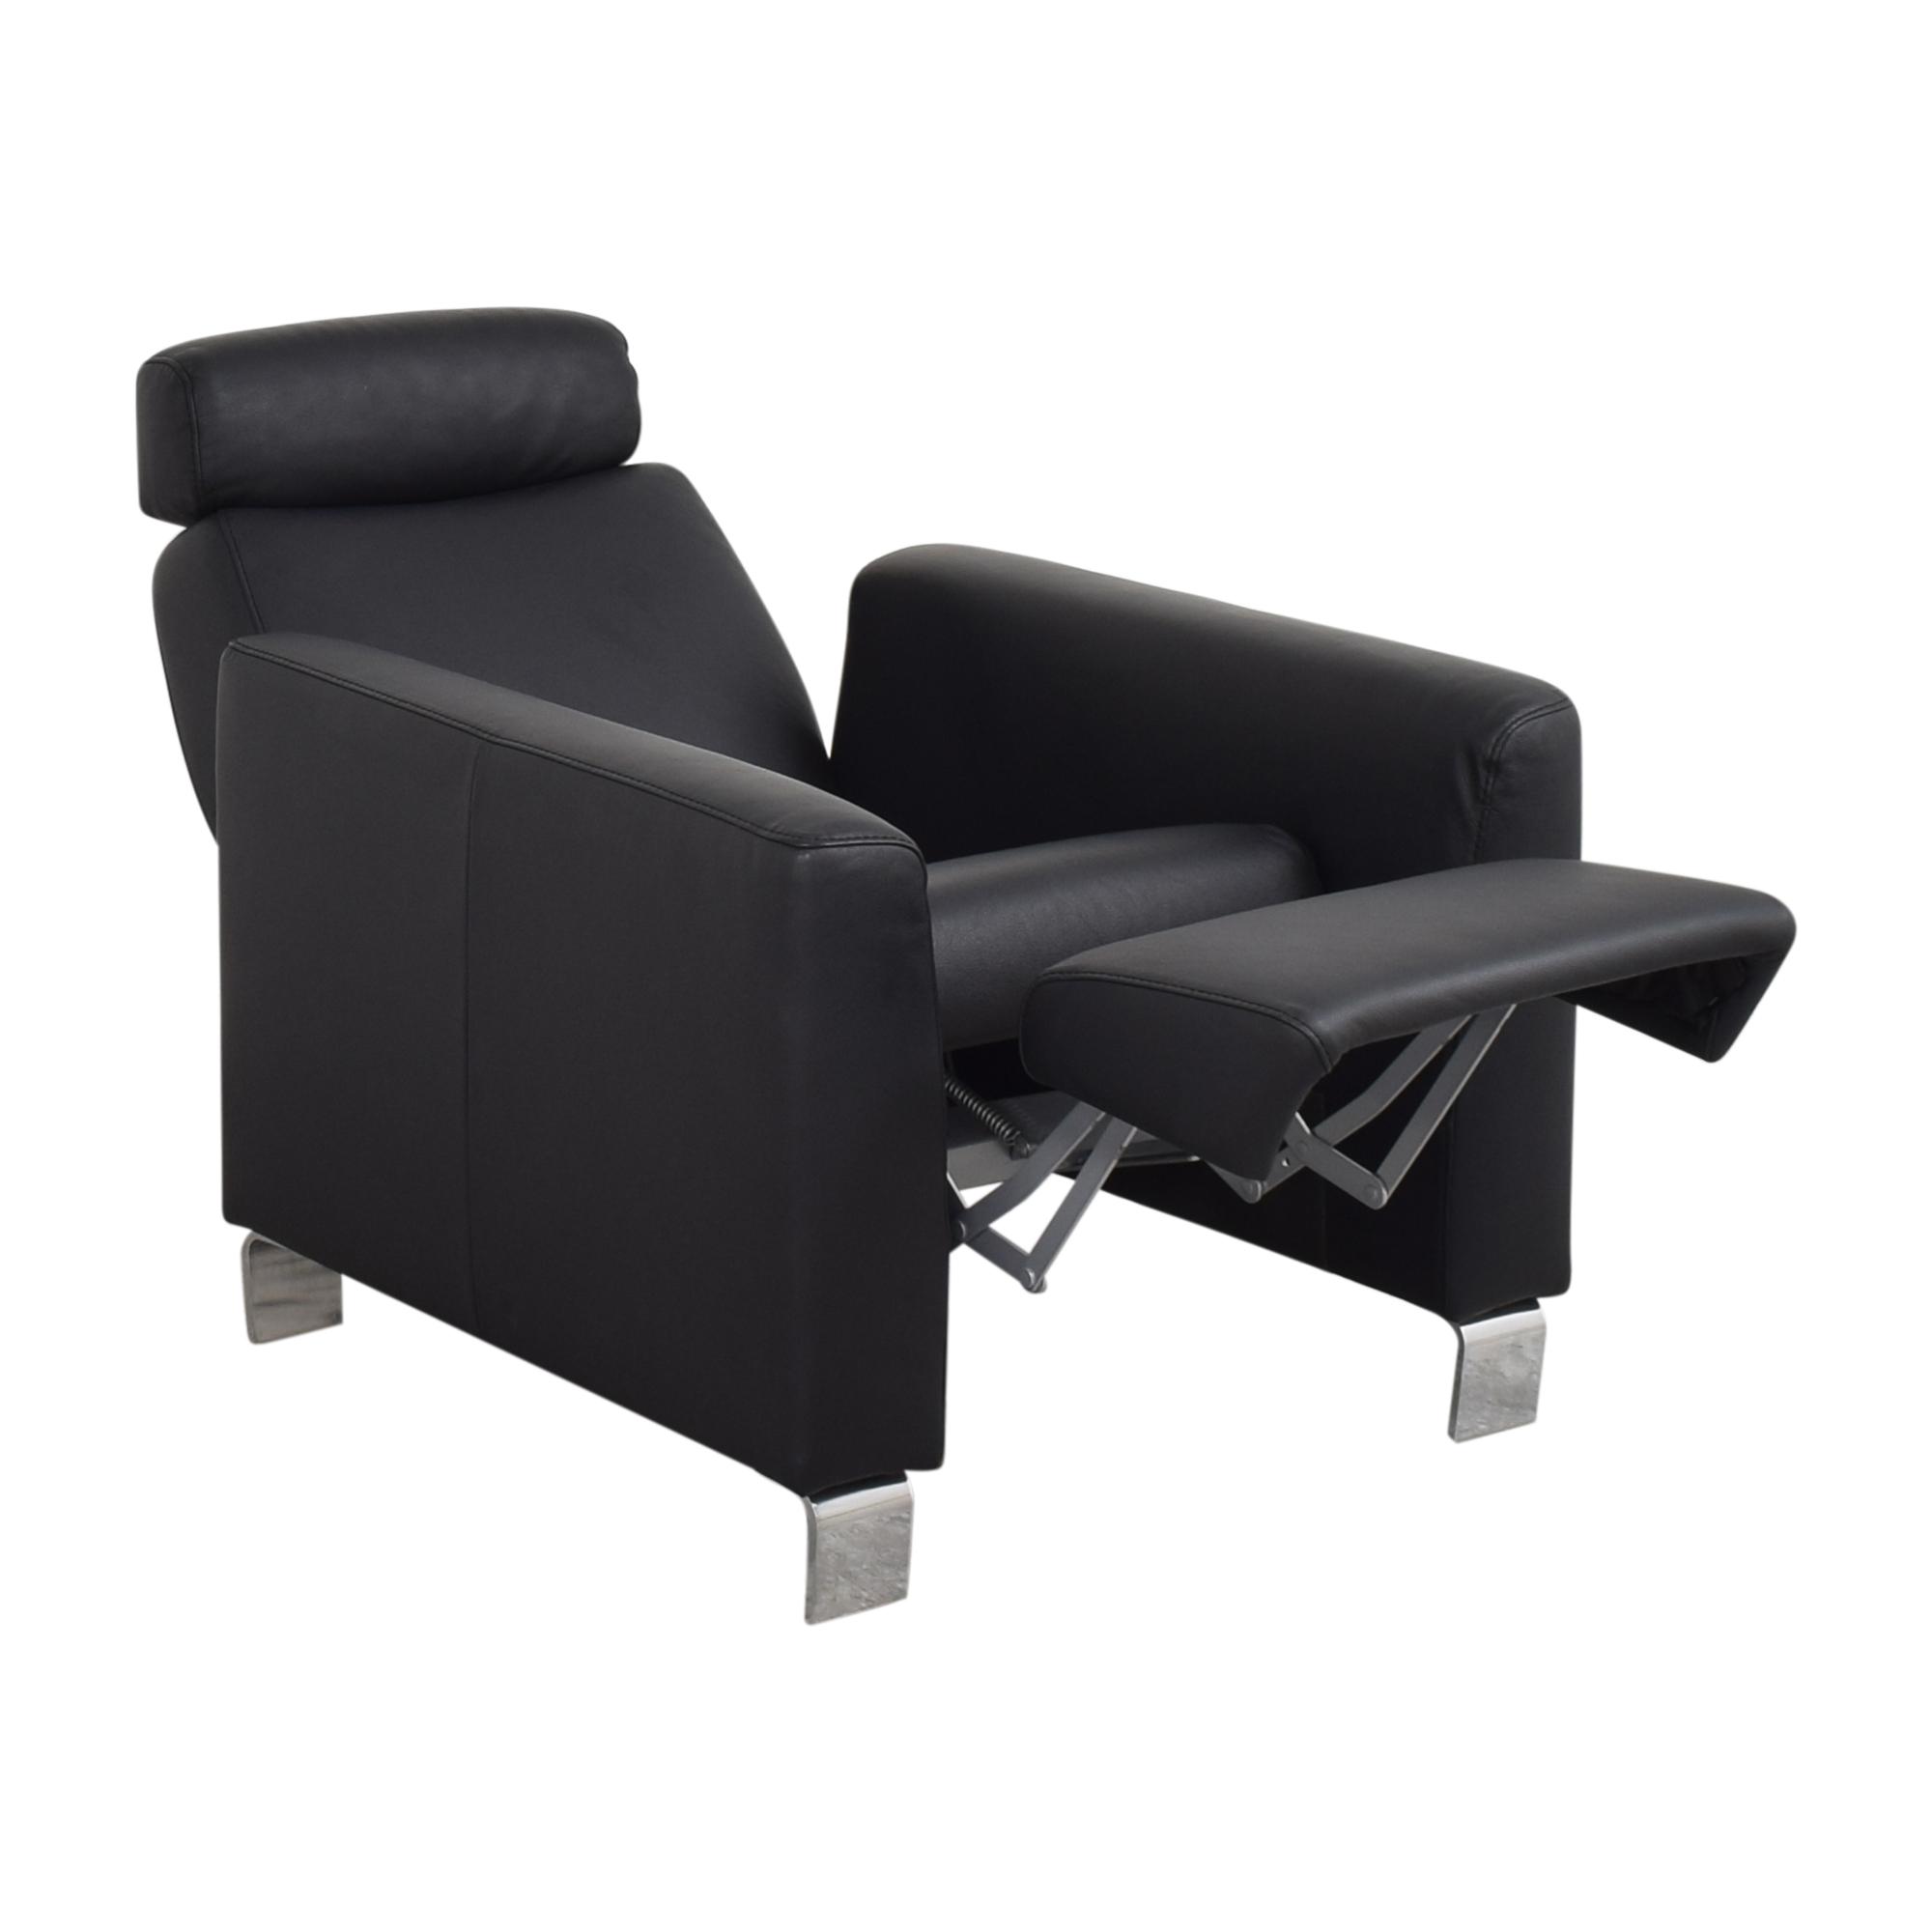 Modern Reclining Armchair second hand